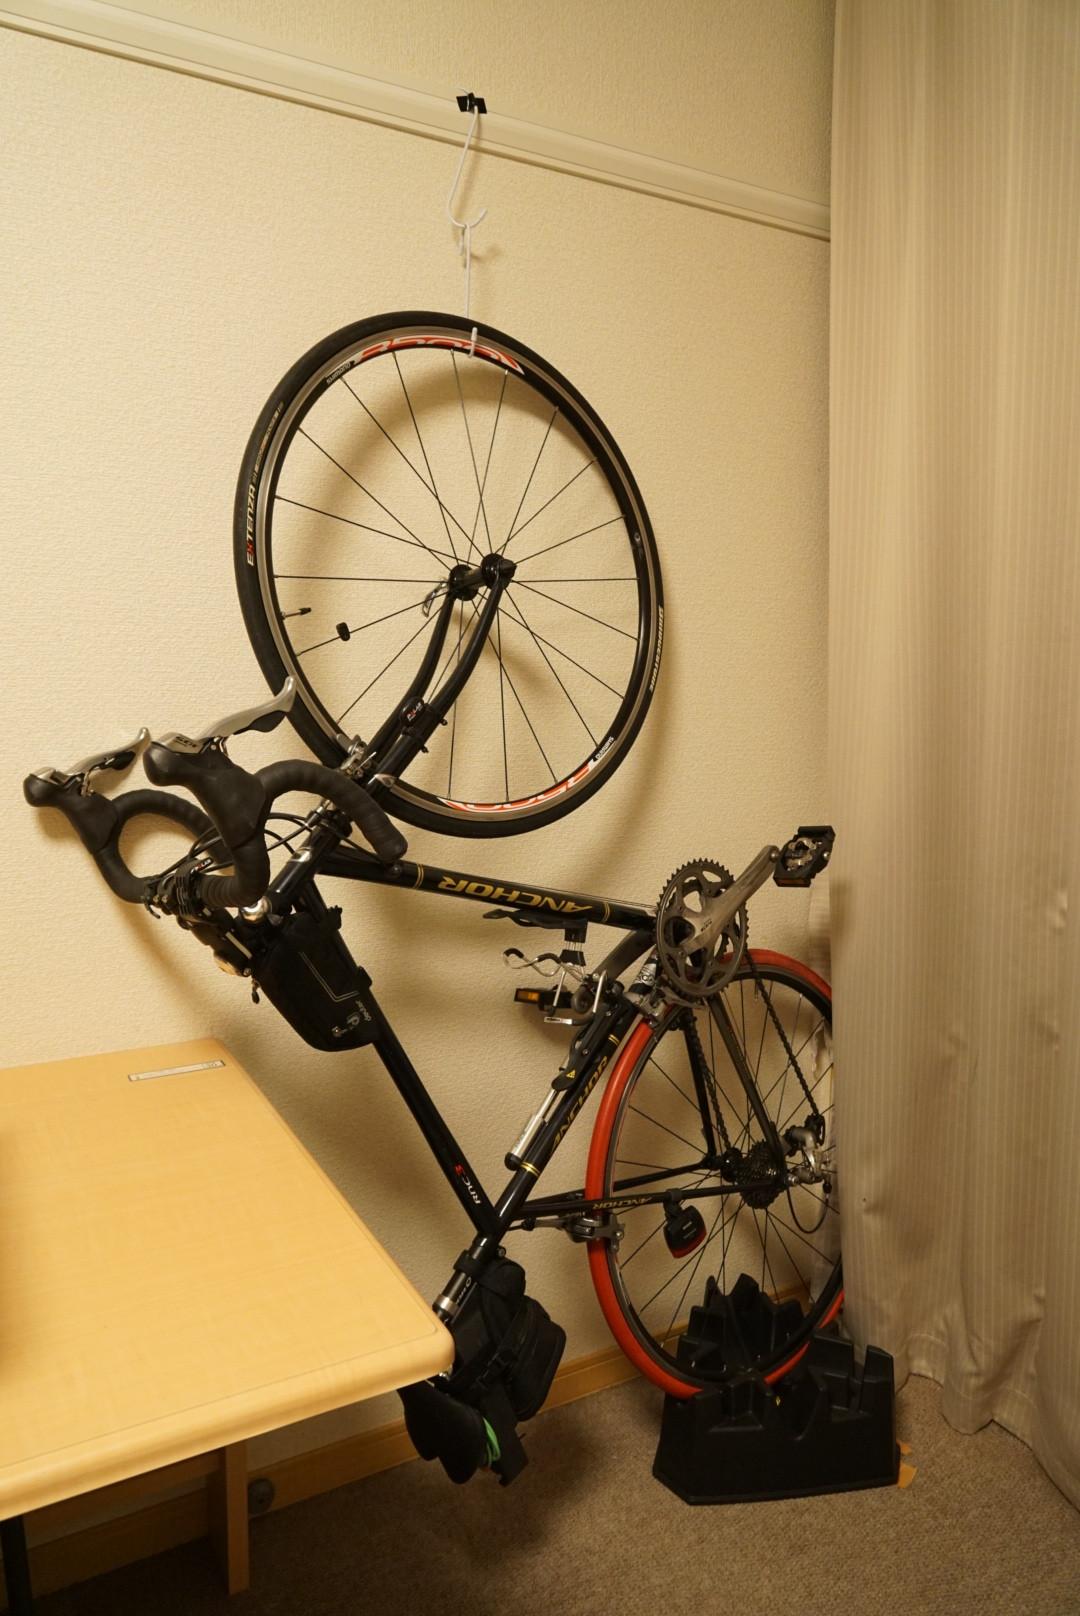 idle027_ロードバイクとタイヤをレオパレスの部屋の中で保管する方法